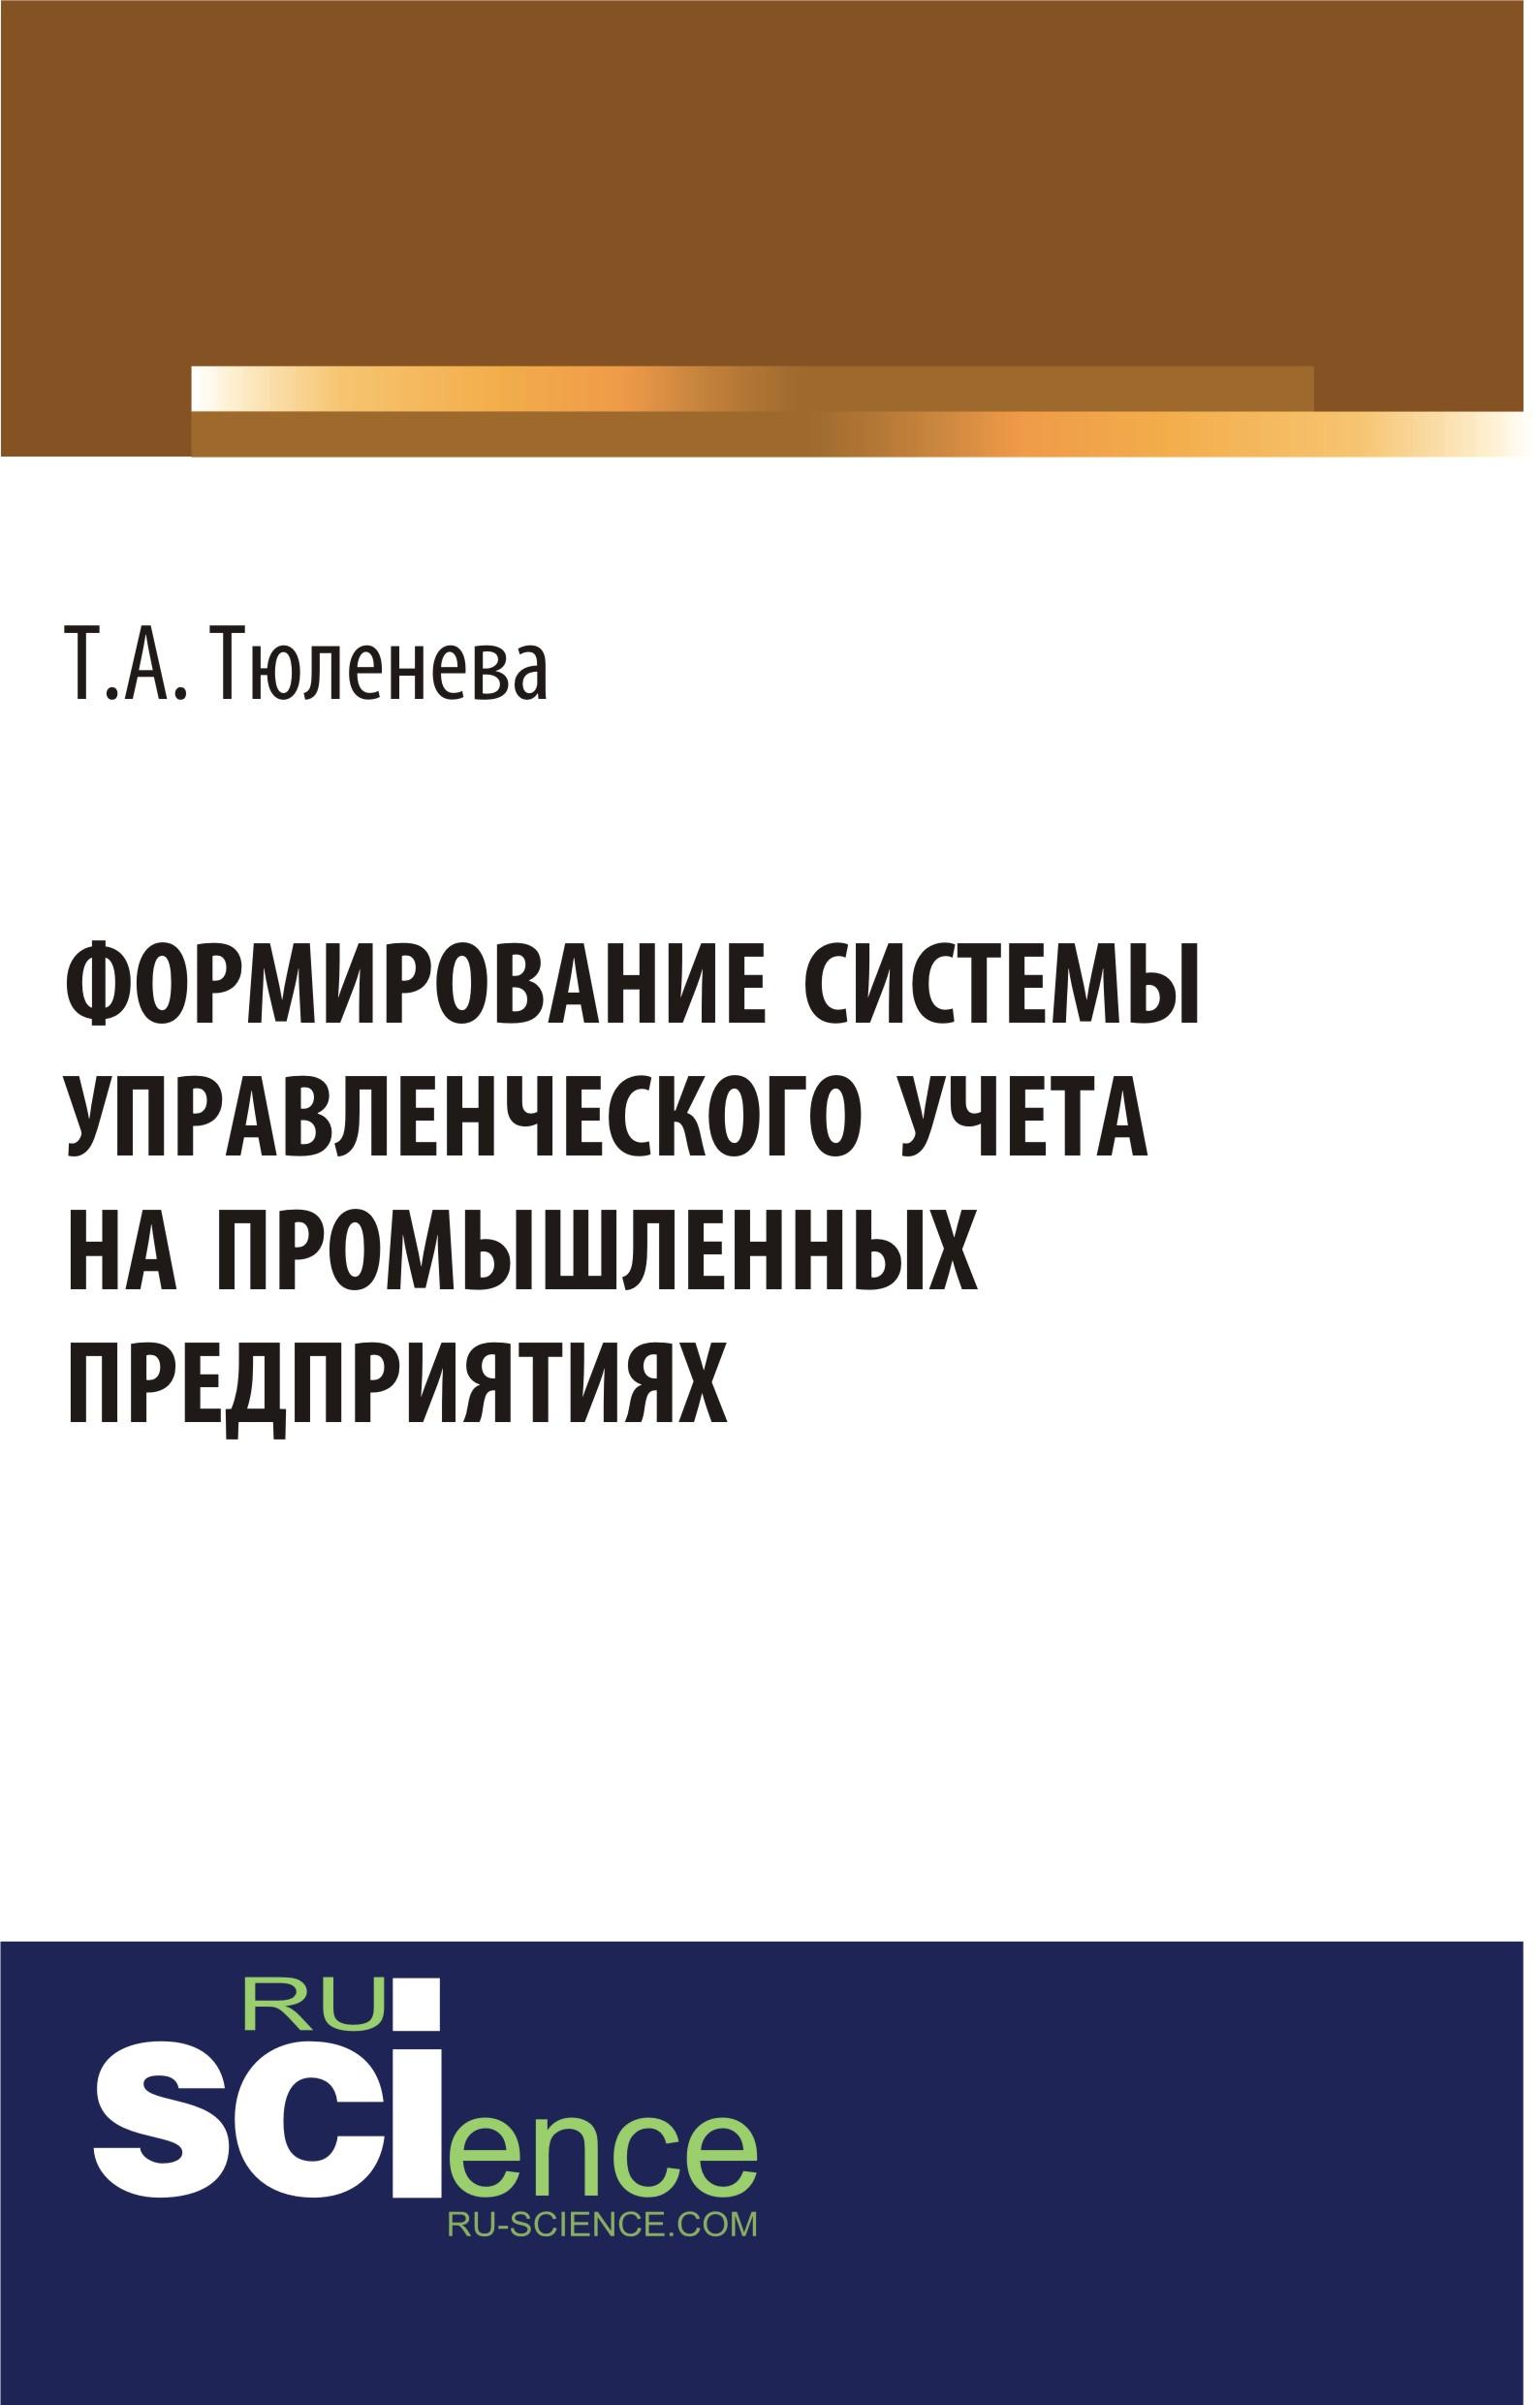 Формирование системы управленческого учета на промышленных предприятиях